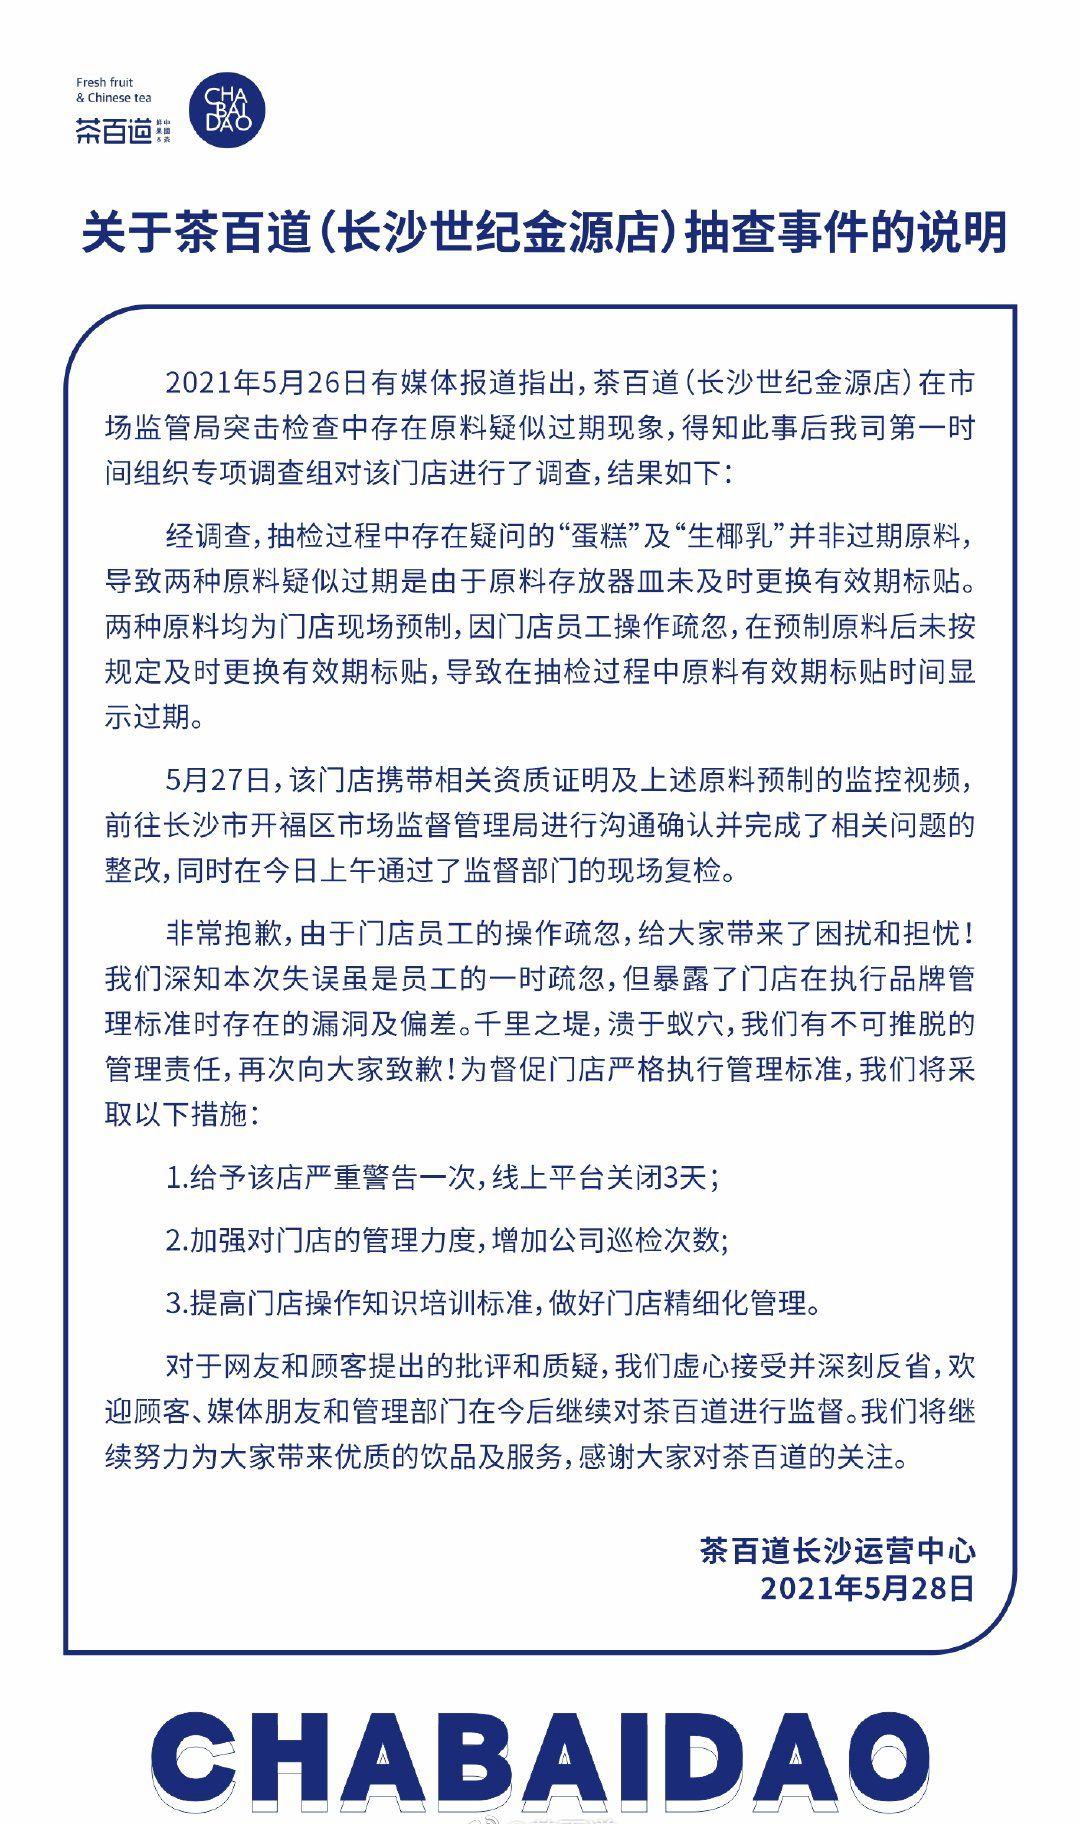 茶百道回应原料疑似过期:未及时更换标签,已通过复检